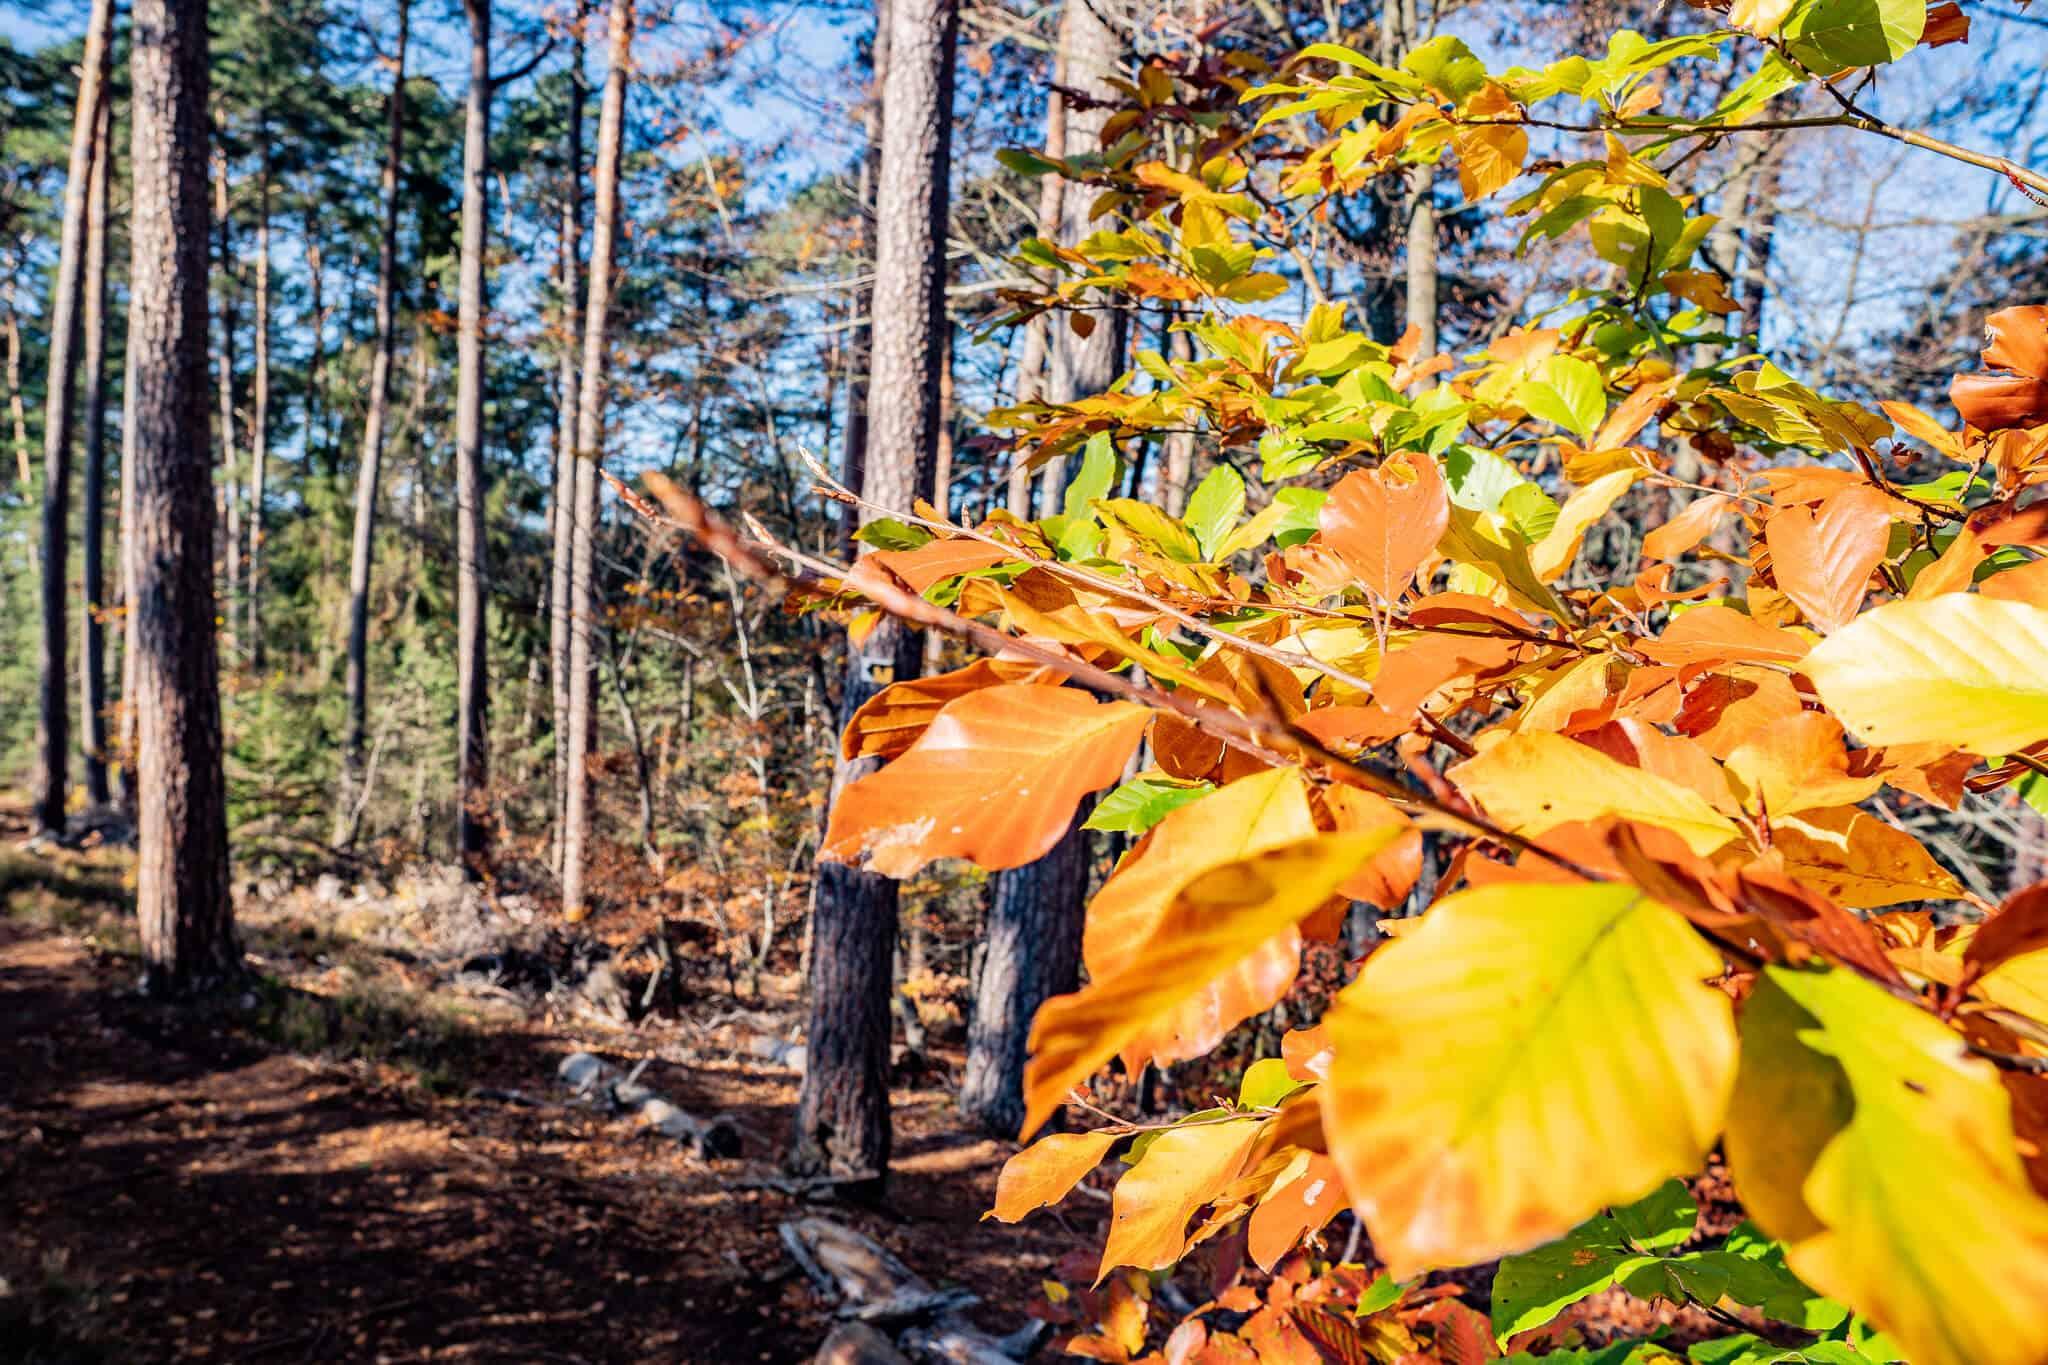 Dahner Felsenpfad Blätter